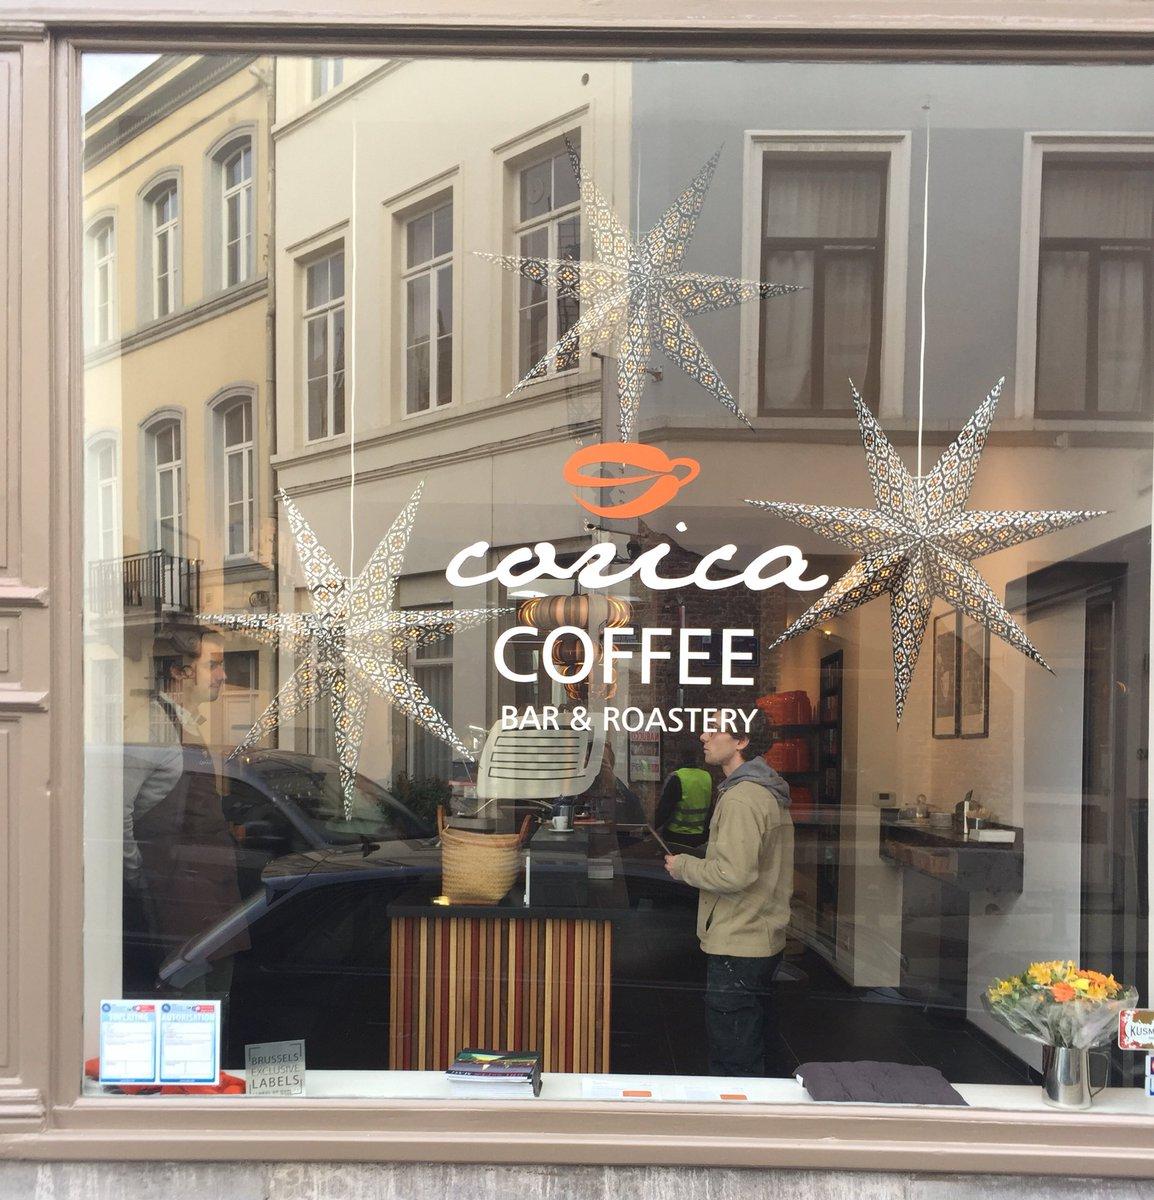 corica coffe ile ilgili görsel sonucu